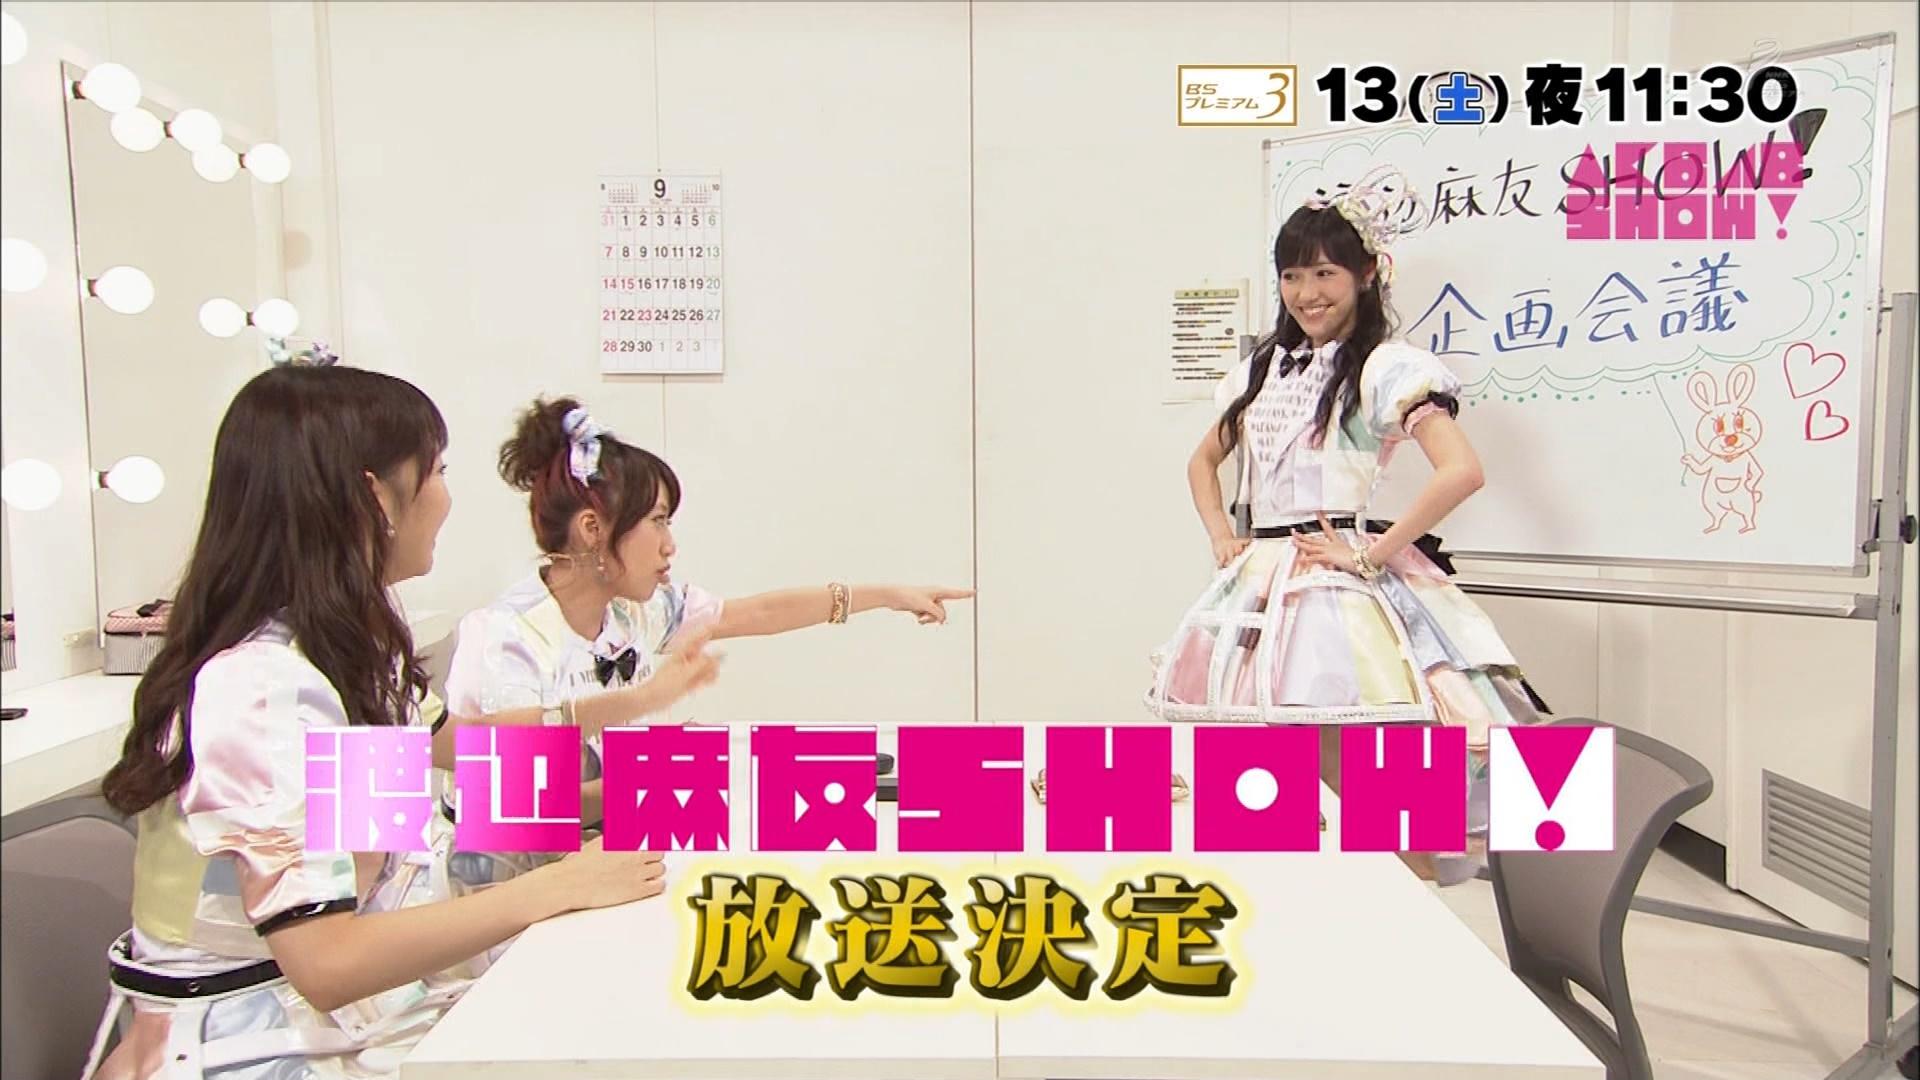 渡辺麻友SHOW!予告 AKB48SHOW! 20140906 (7)